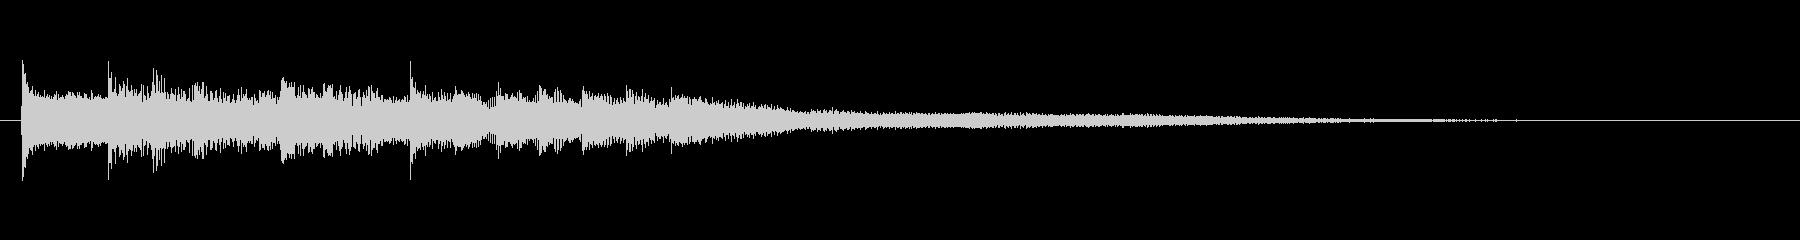 ピアノの明るいジングルの未再生の波形